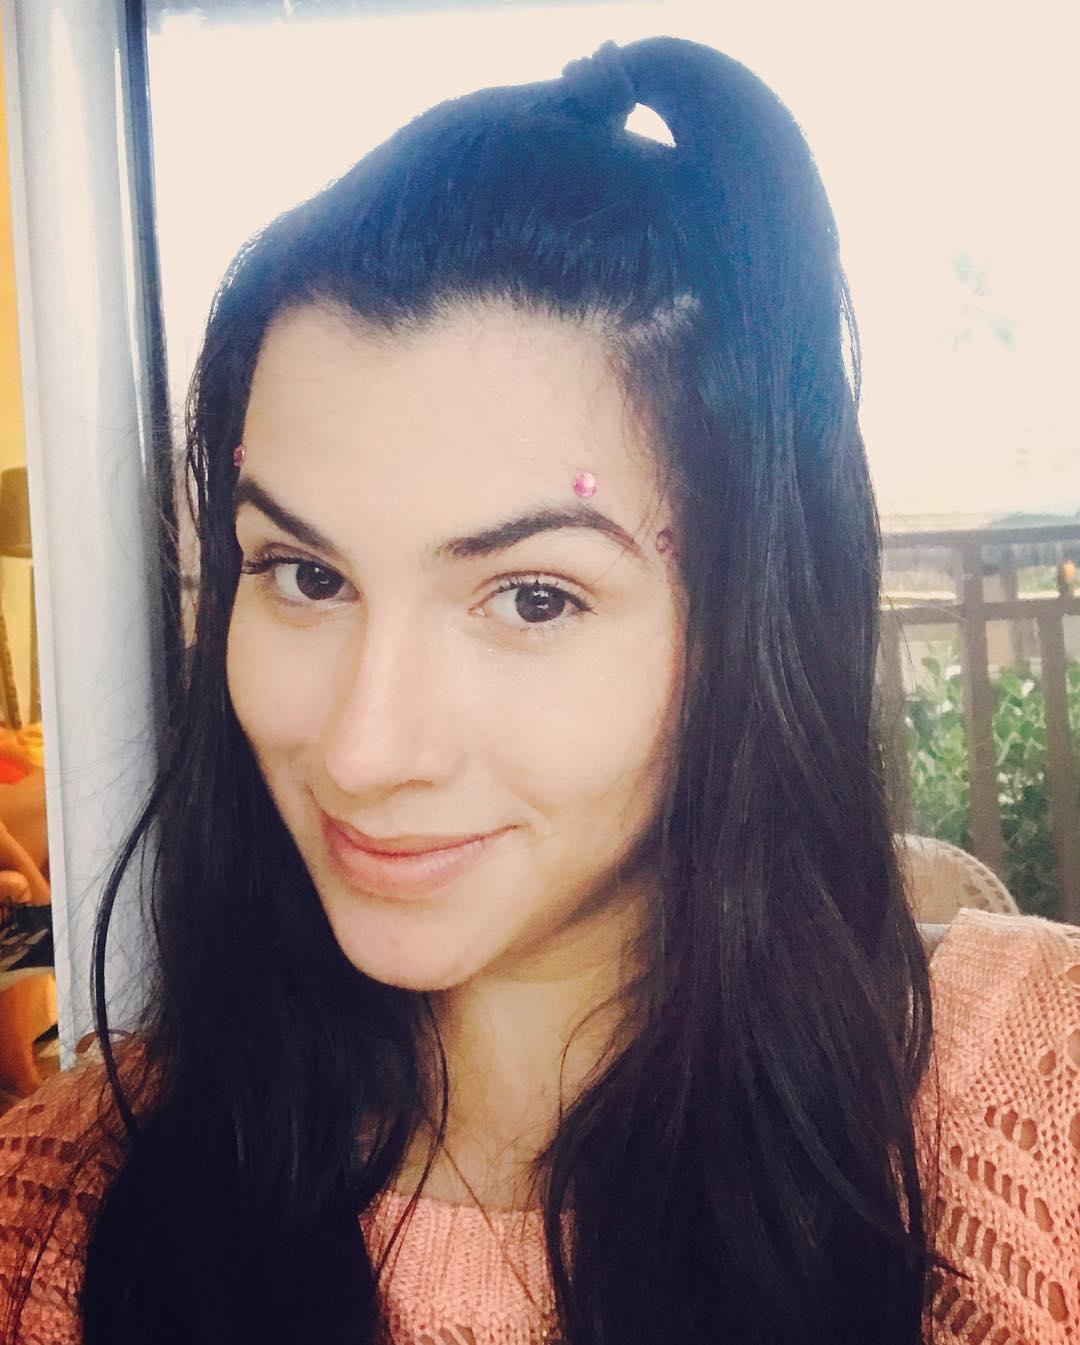 lorena bessani, miss maranhao universo 2018. 27576611